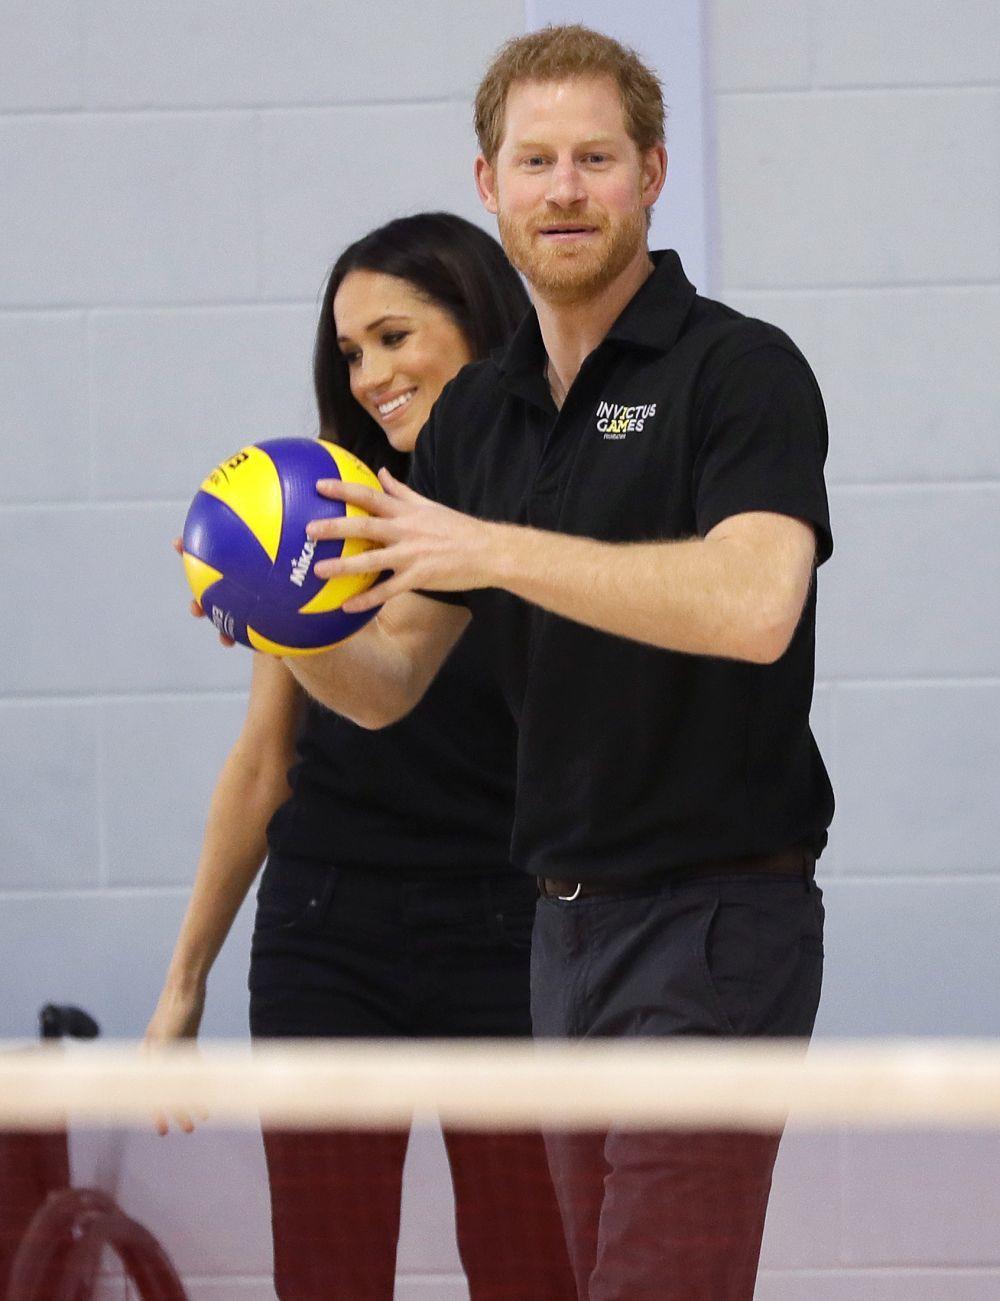 El príncipe Harry jugando al balonmano.